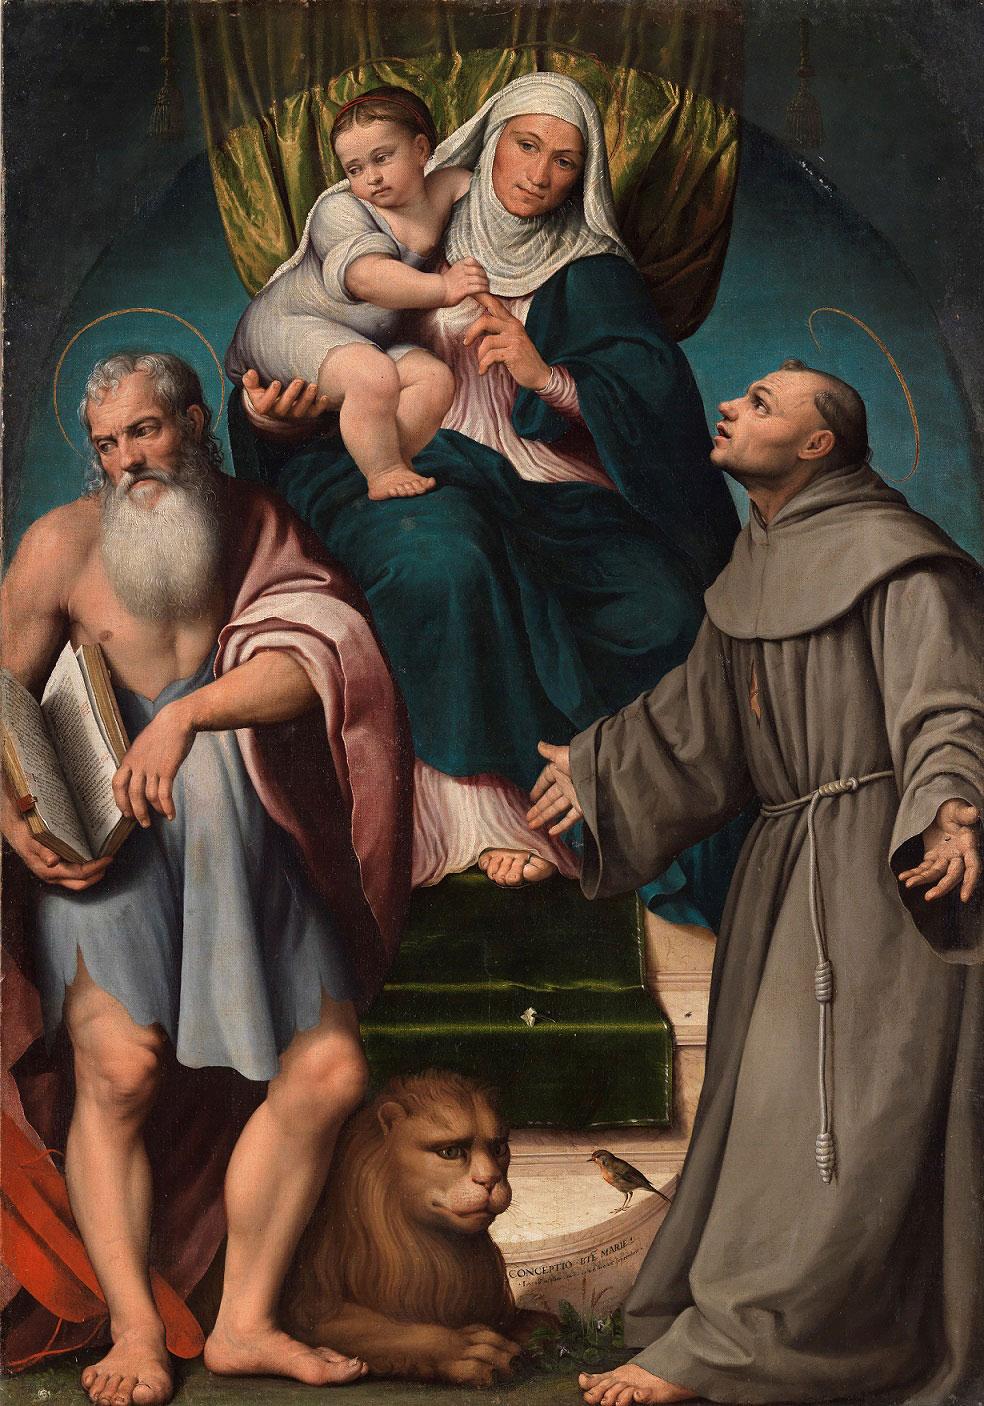 Dopo oltre un secolo torna alle Gallerie dell'Accademia di Venezia capolavoro di Jacopo Bassano